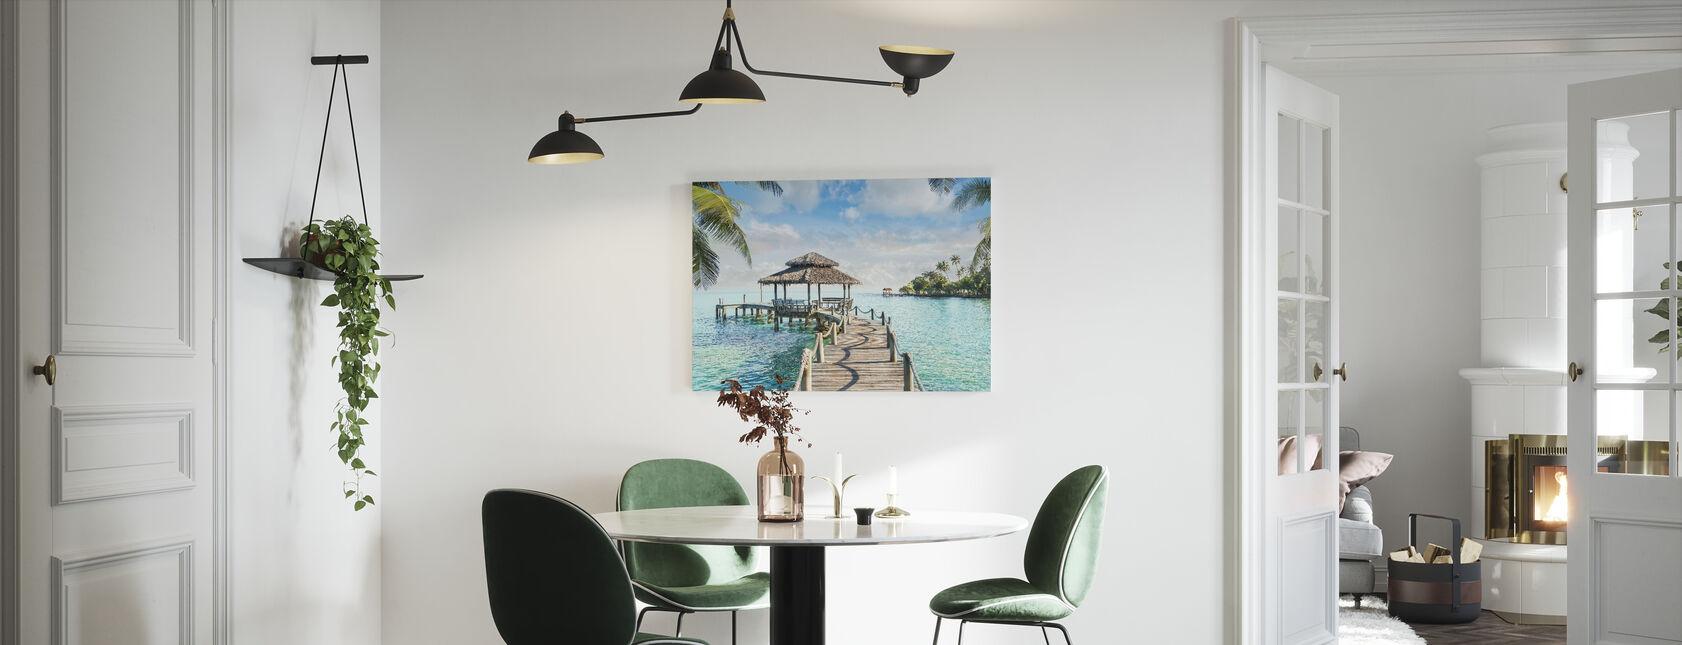 Bungalow on Pier - Canvas print - Kitchen